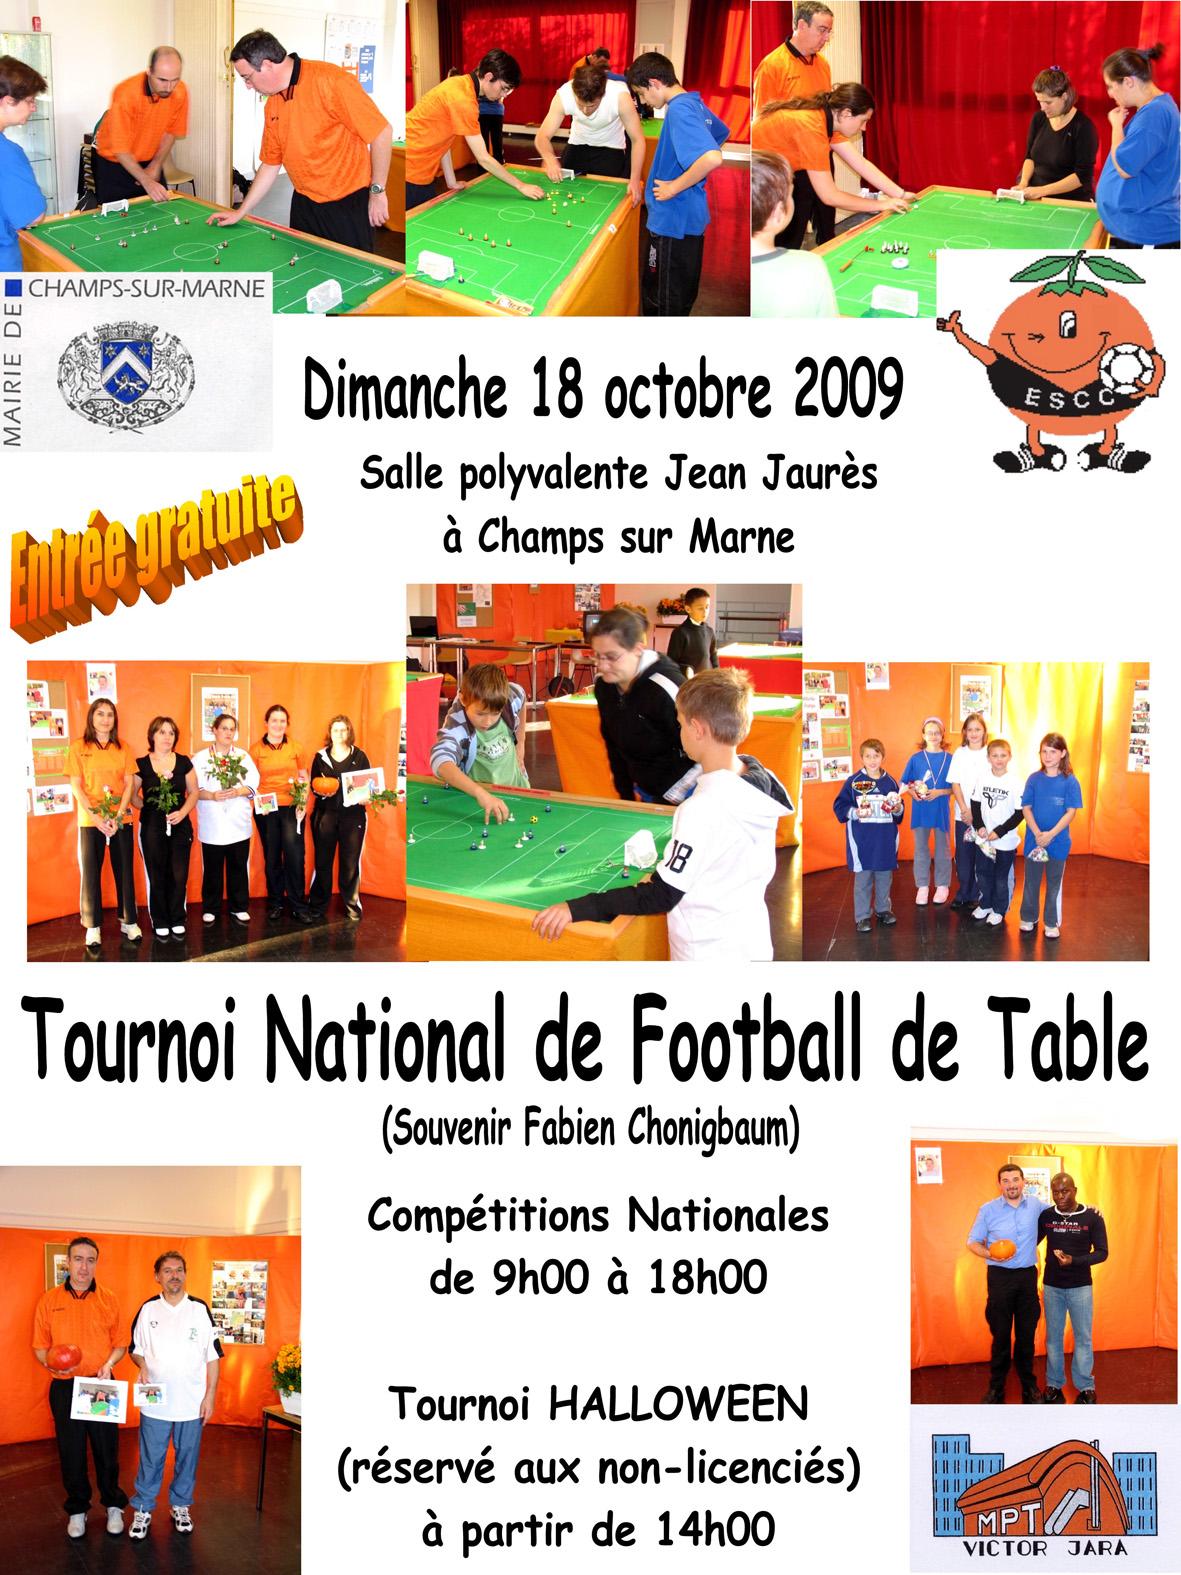 Tournoi national de subbutéo et tournoi Halloween